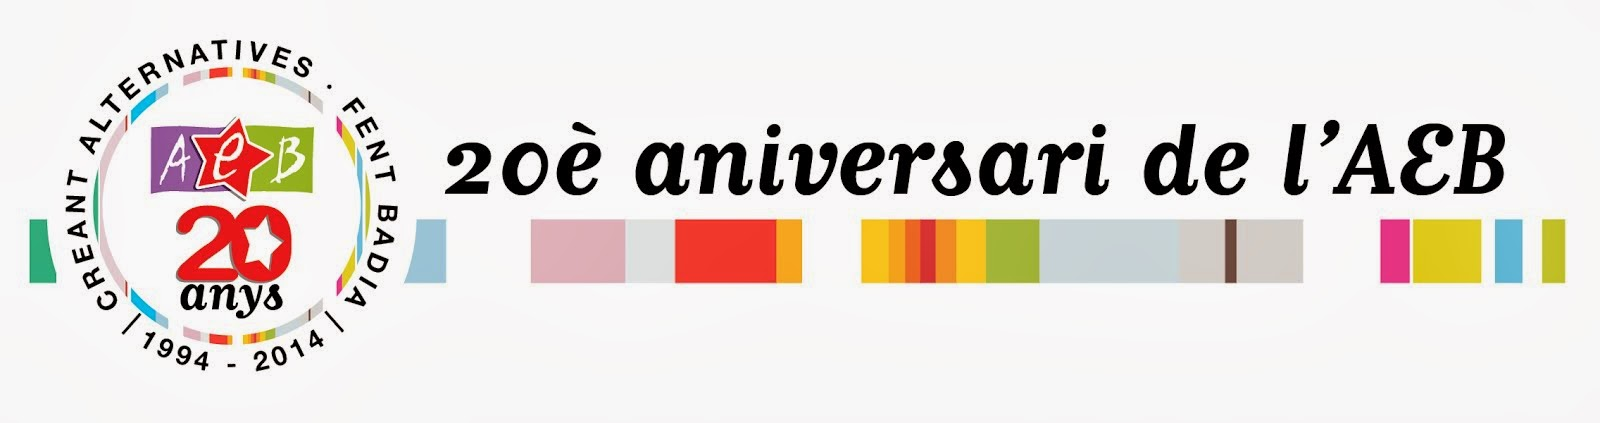 20è aniversari AEB